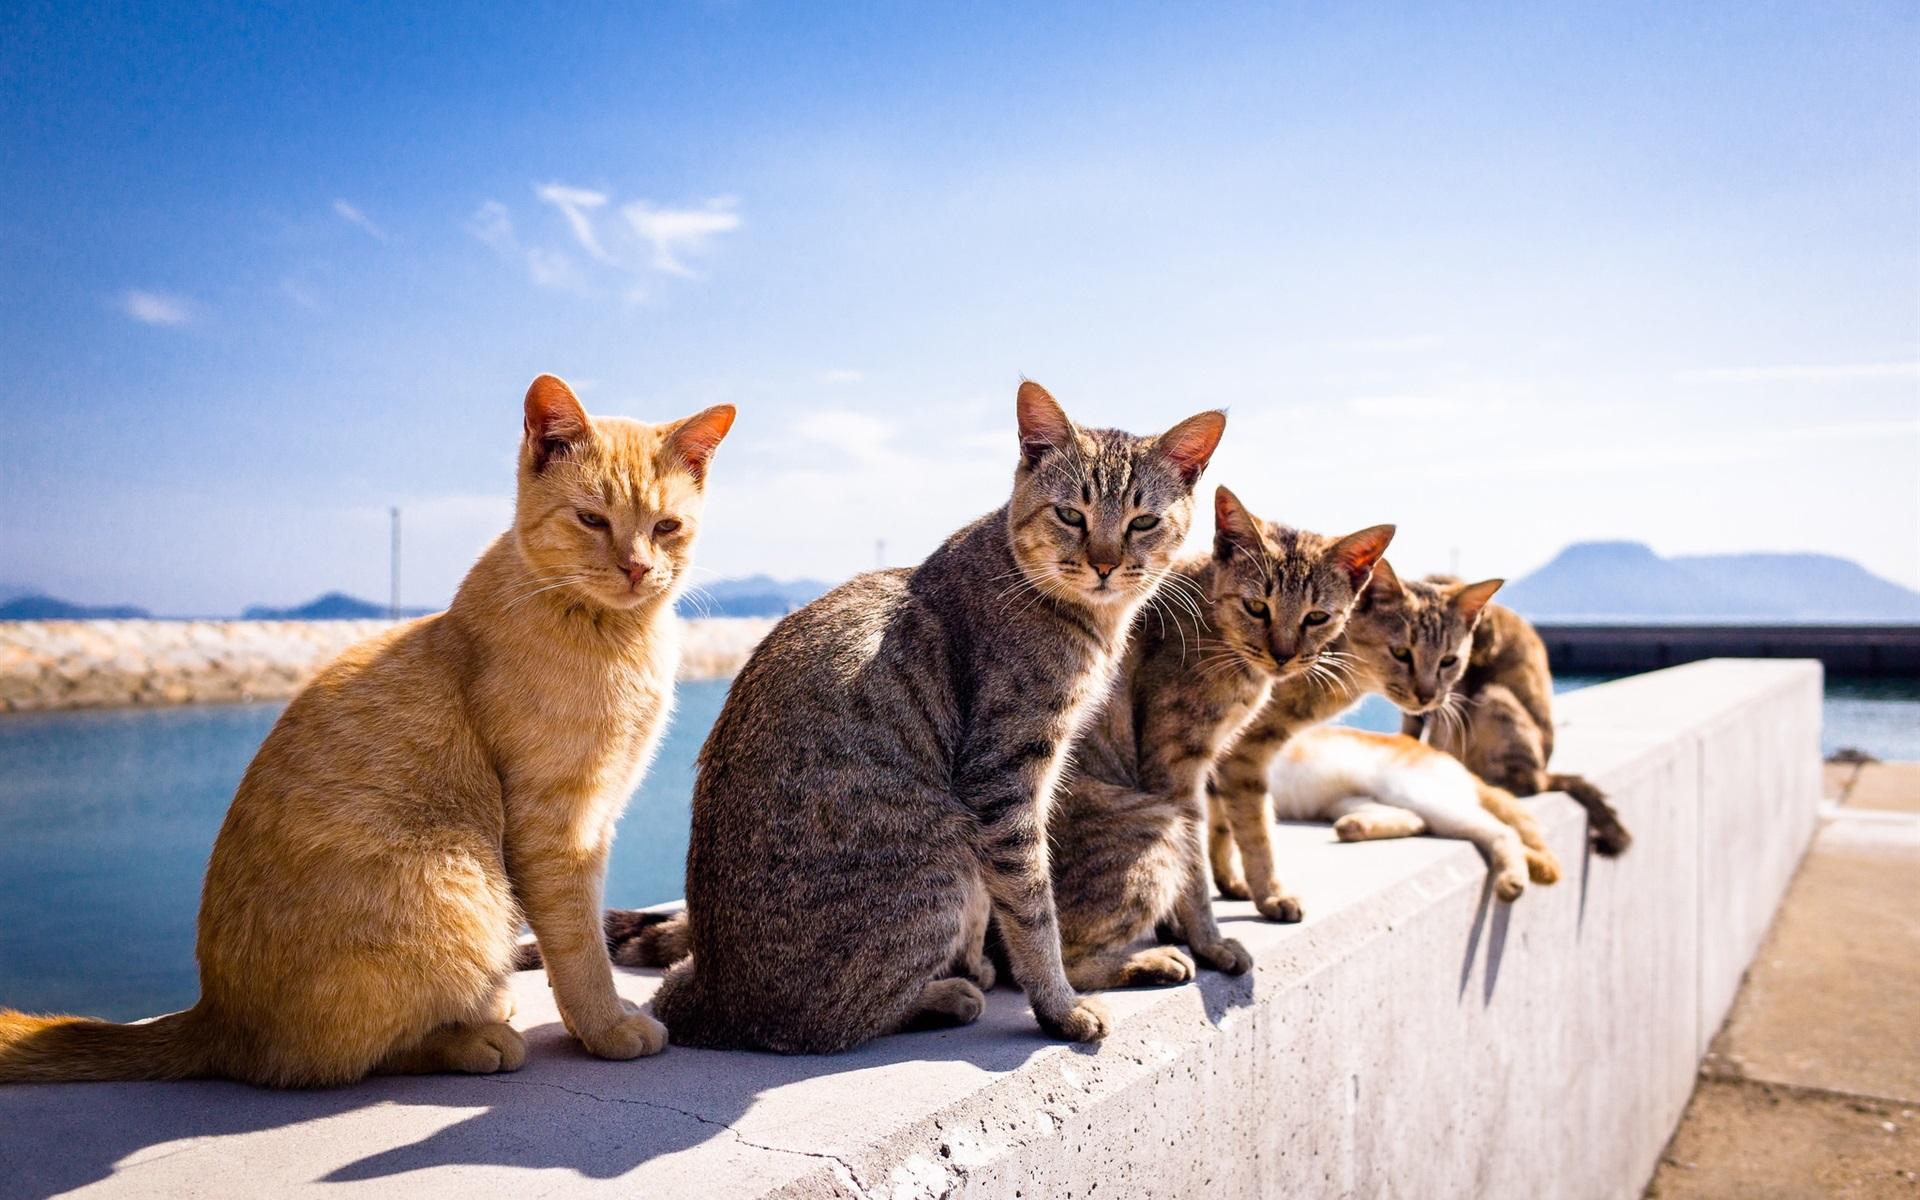 Wallpaper Summer, Cats, Sunshine - Eye Relaxing Wallpaper Hd , HD Wallpaper & Backgrounds